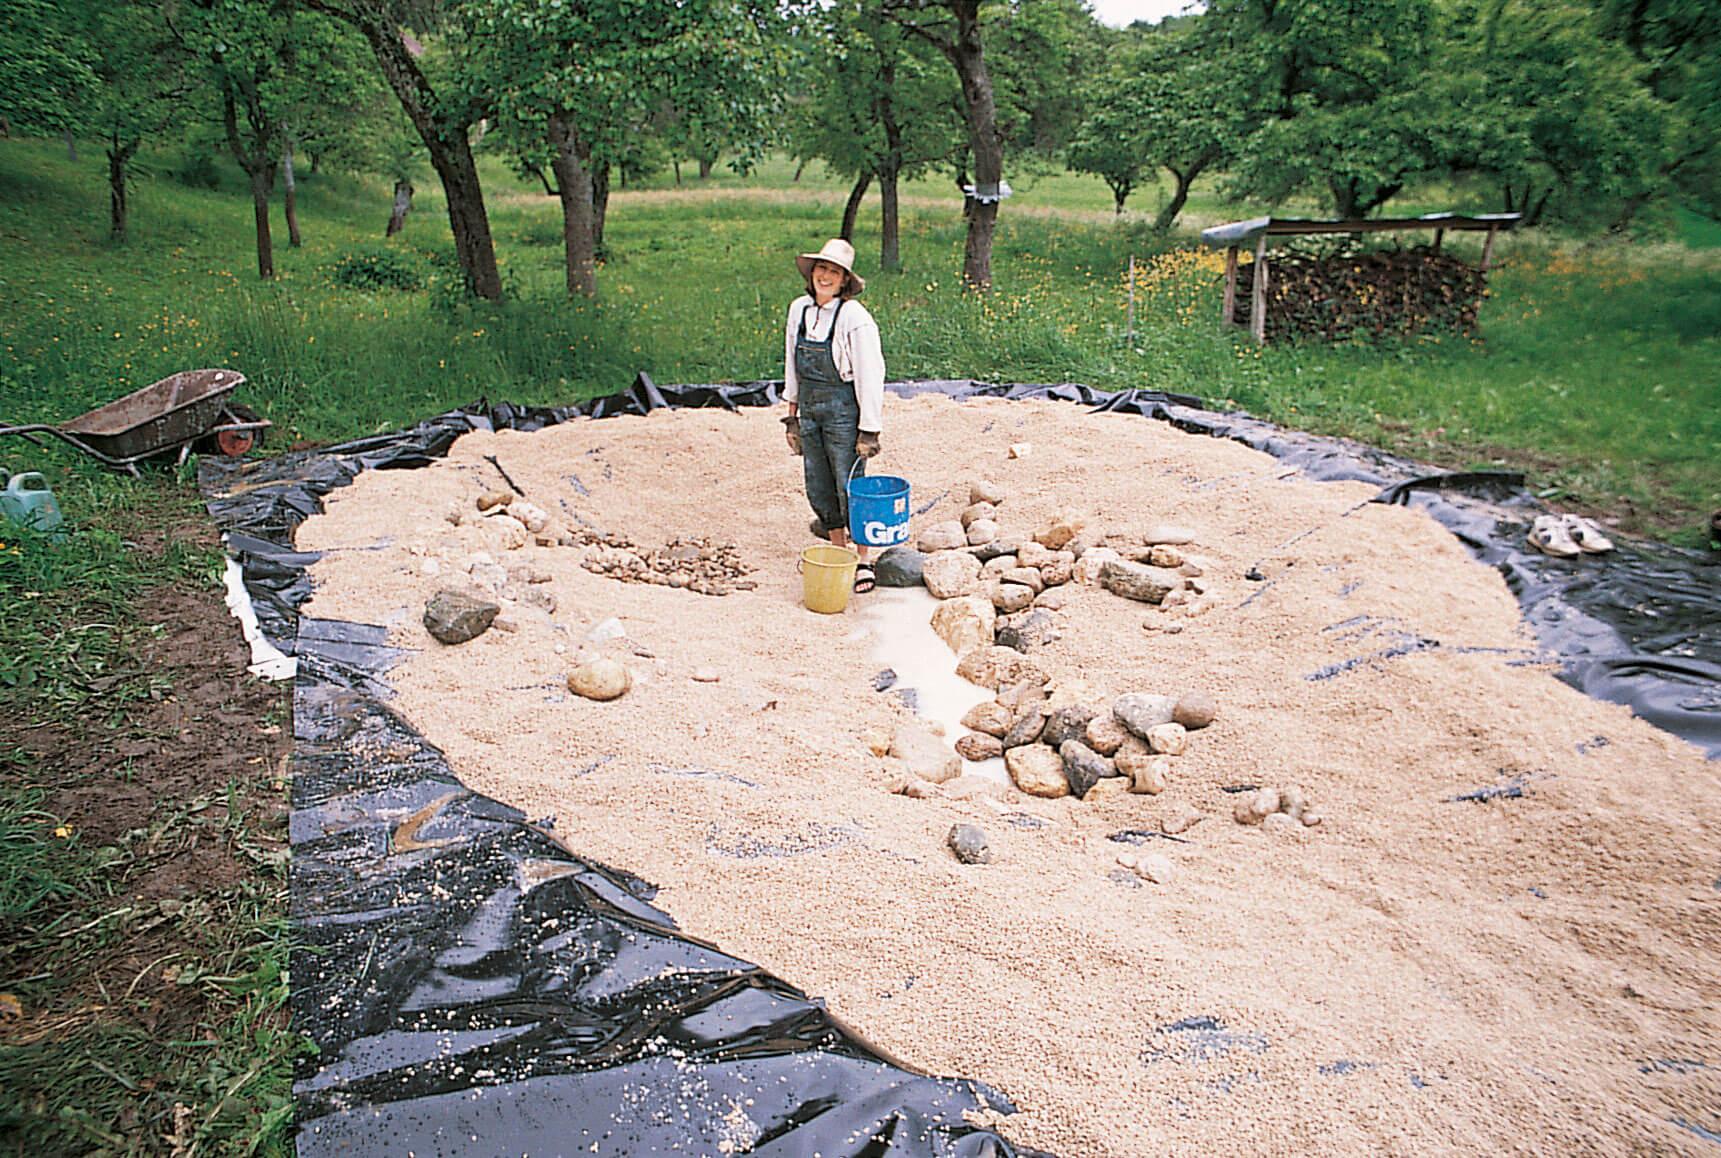 1998 mare étang argile, sable, gravier ou cailloux fond